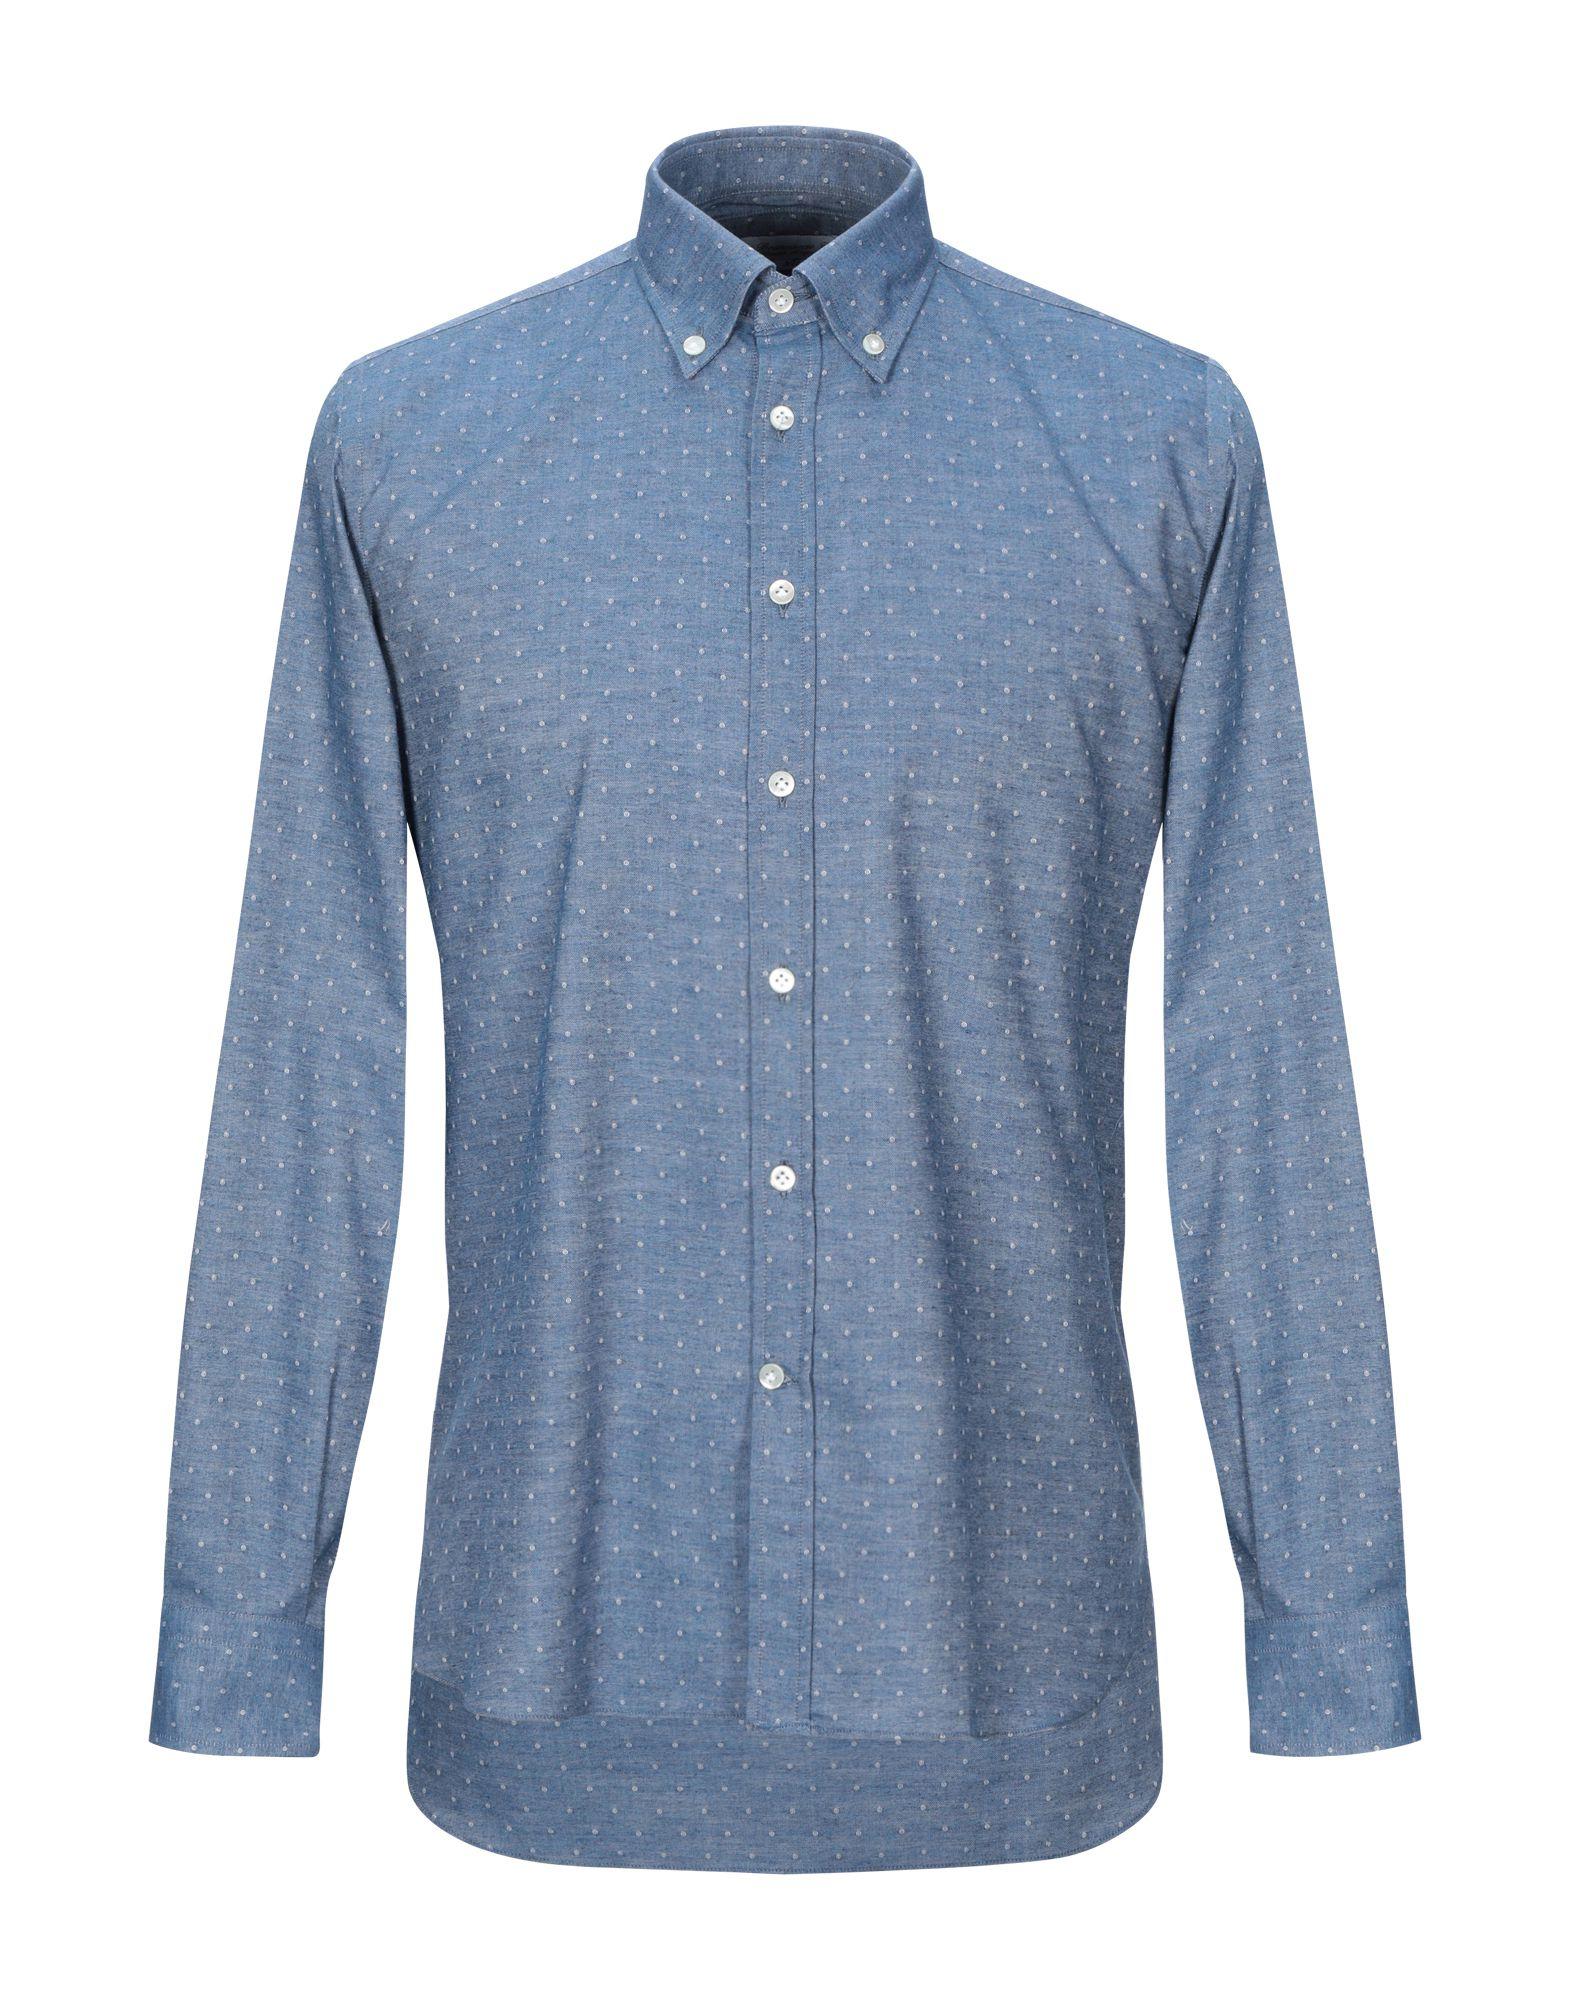 BRANCACCIO C. Джинсовая рубашка burberry джинсовая рубашка